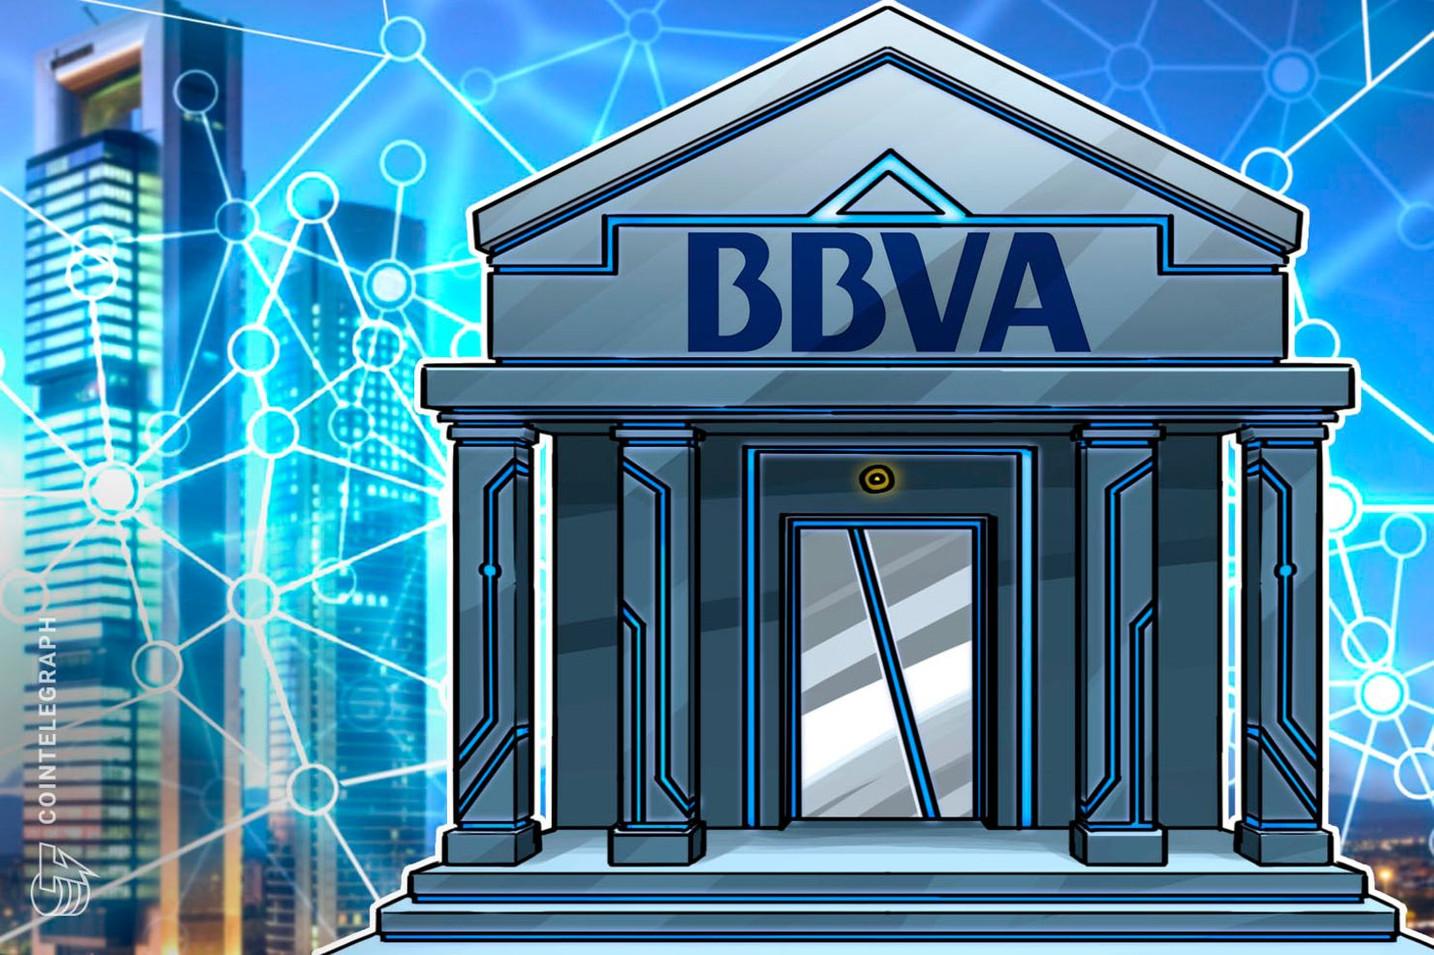 Desde BBVA defienden un marco regulatorio que fomente beneficios de tecnologías de registro distribuido, incluyendo Blockchain